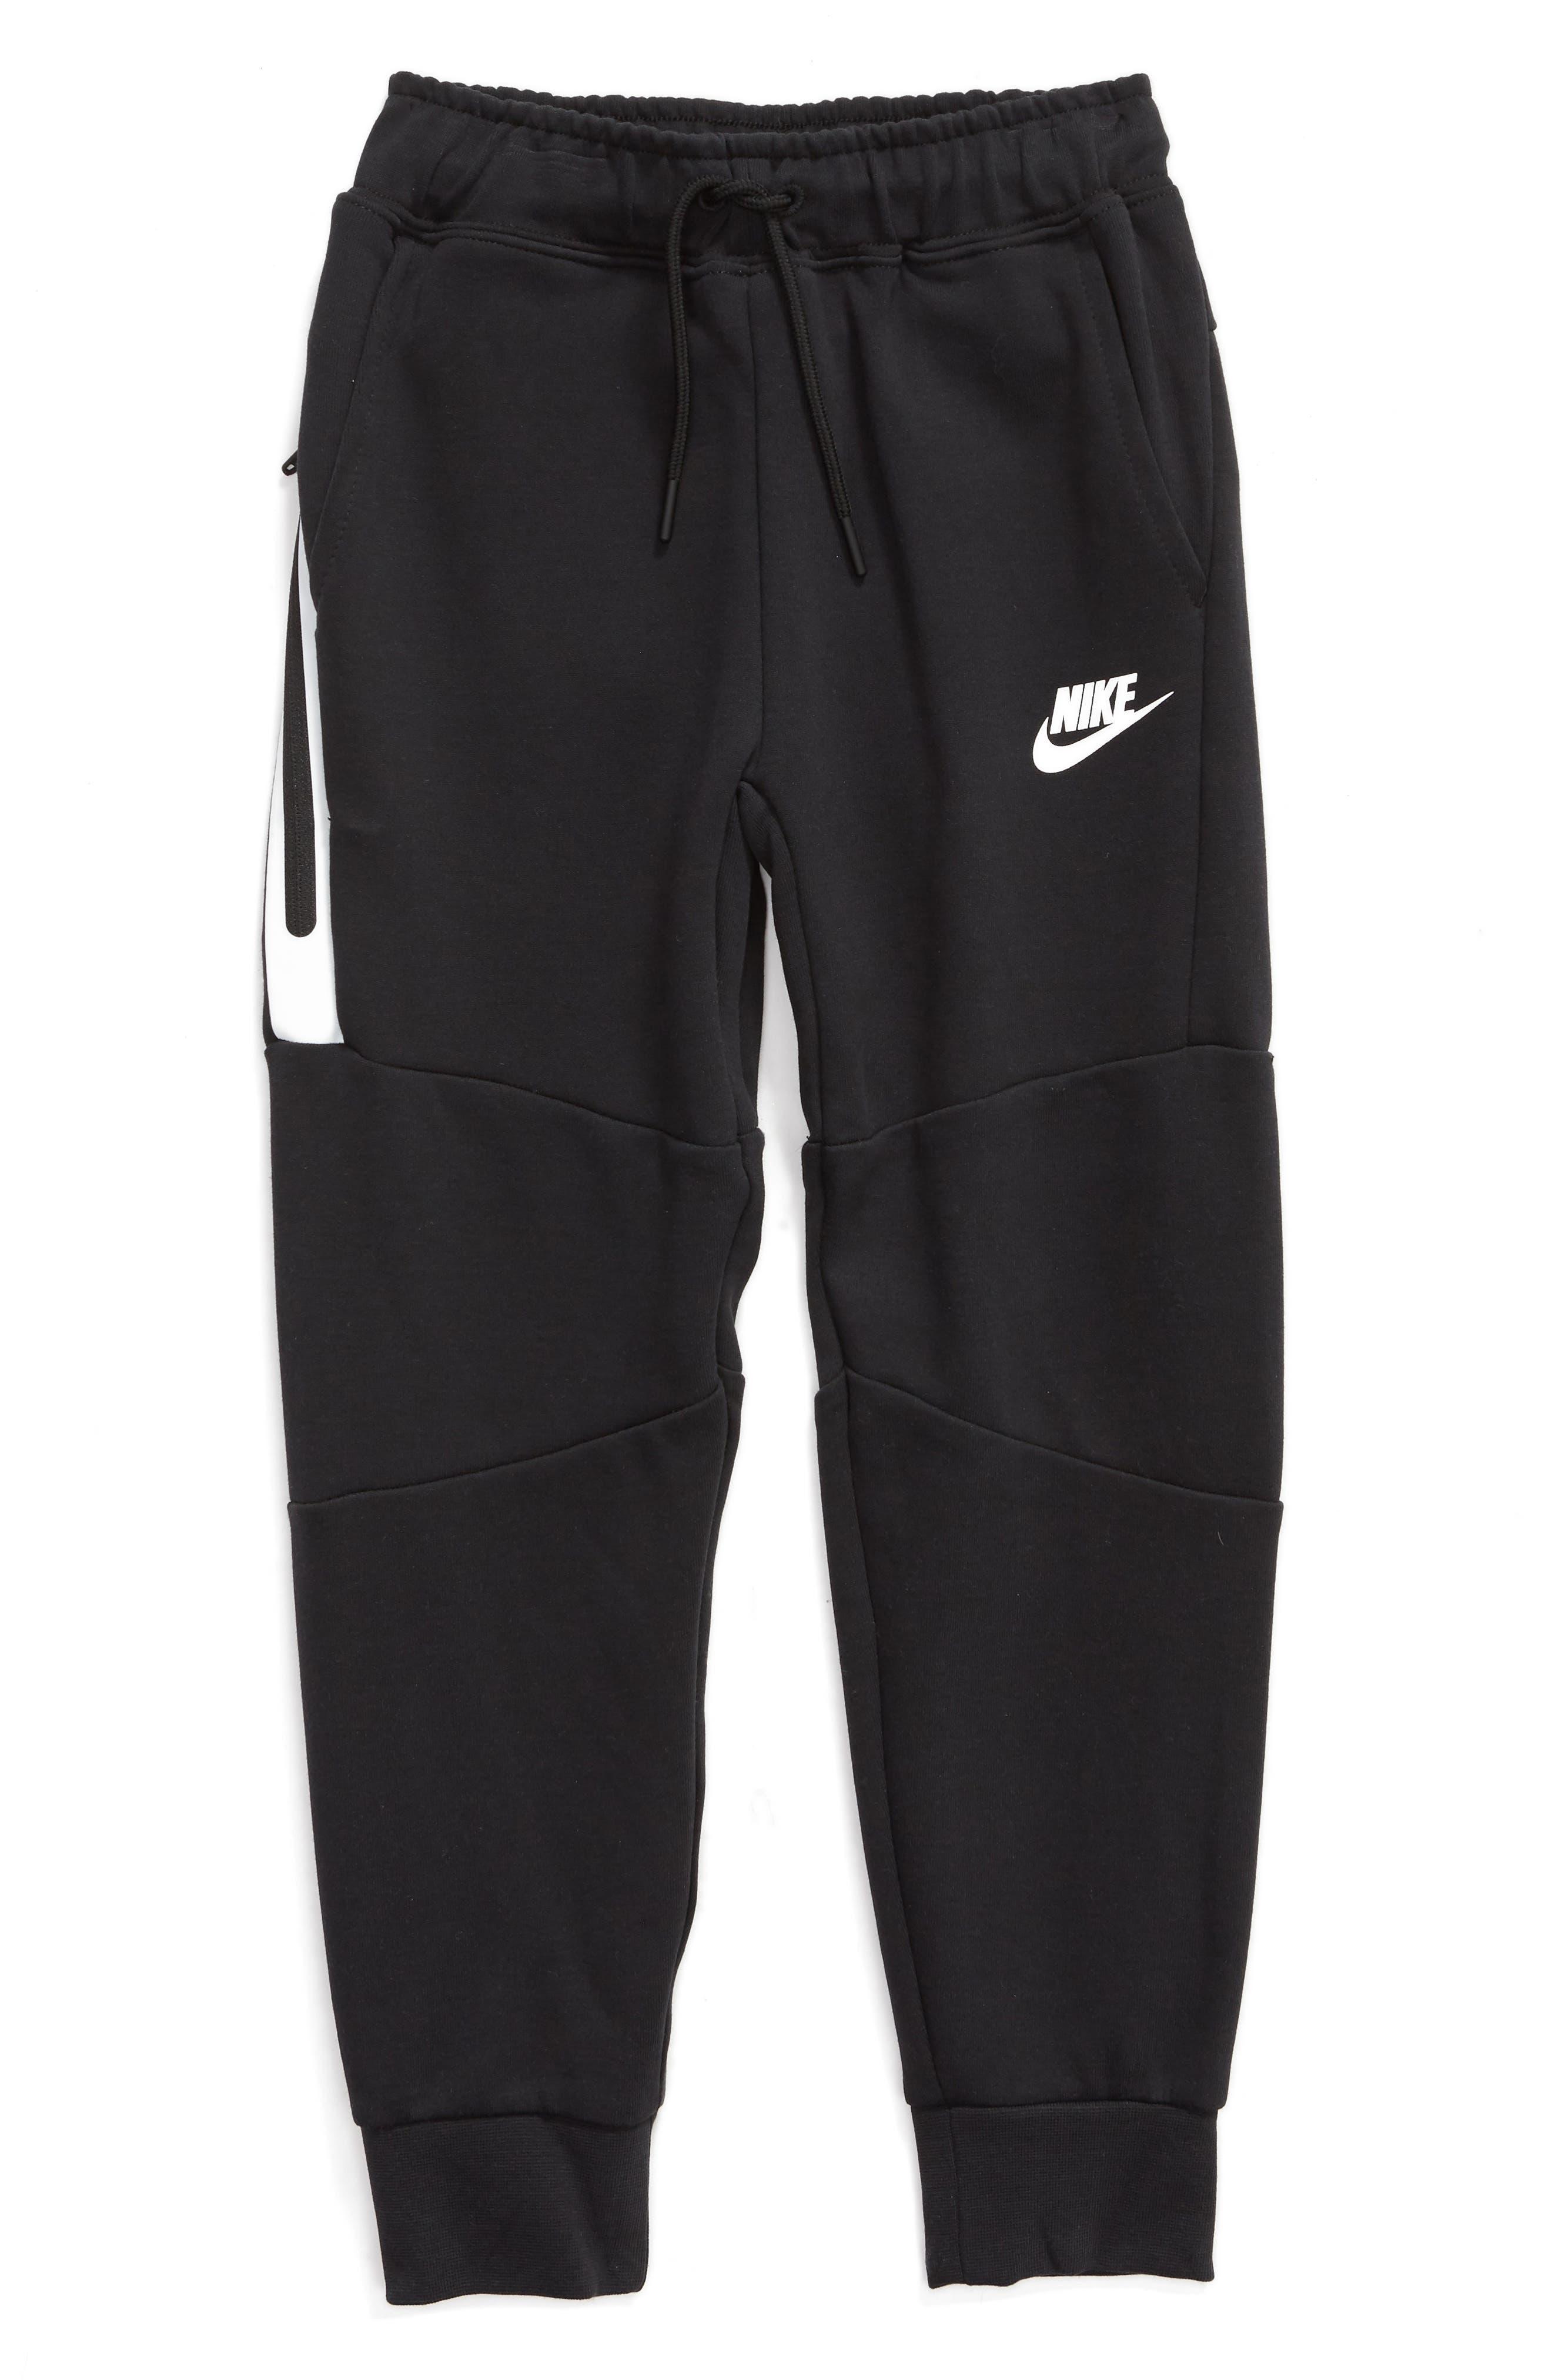 NIKE, Tech Fleece Sweatpants, Main thumbnail 1, color, BLACK/ WHITE